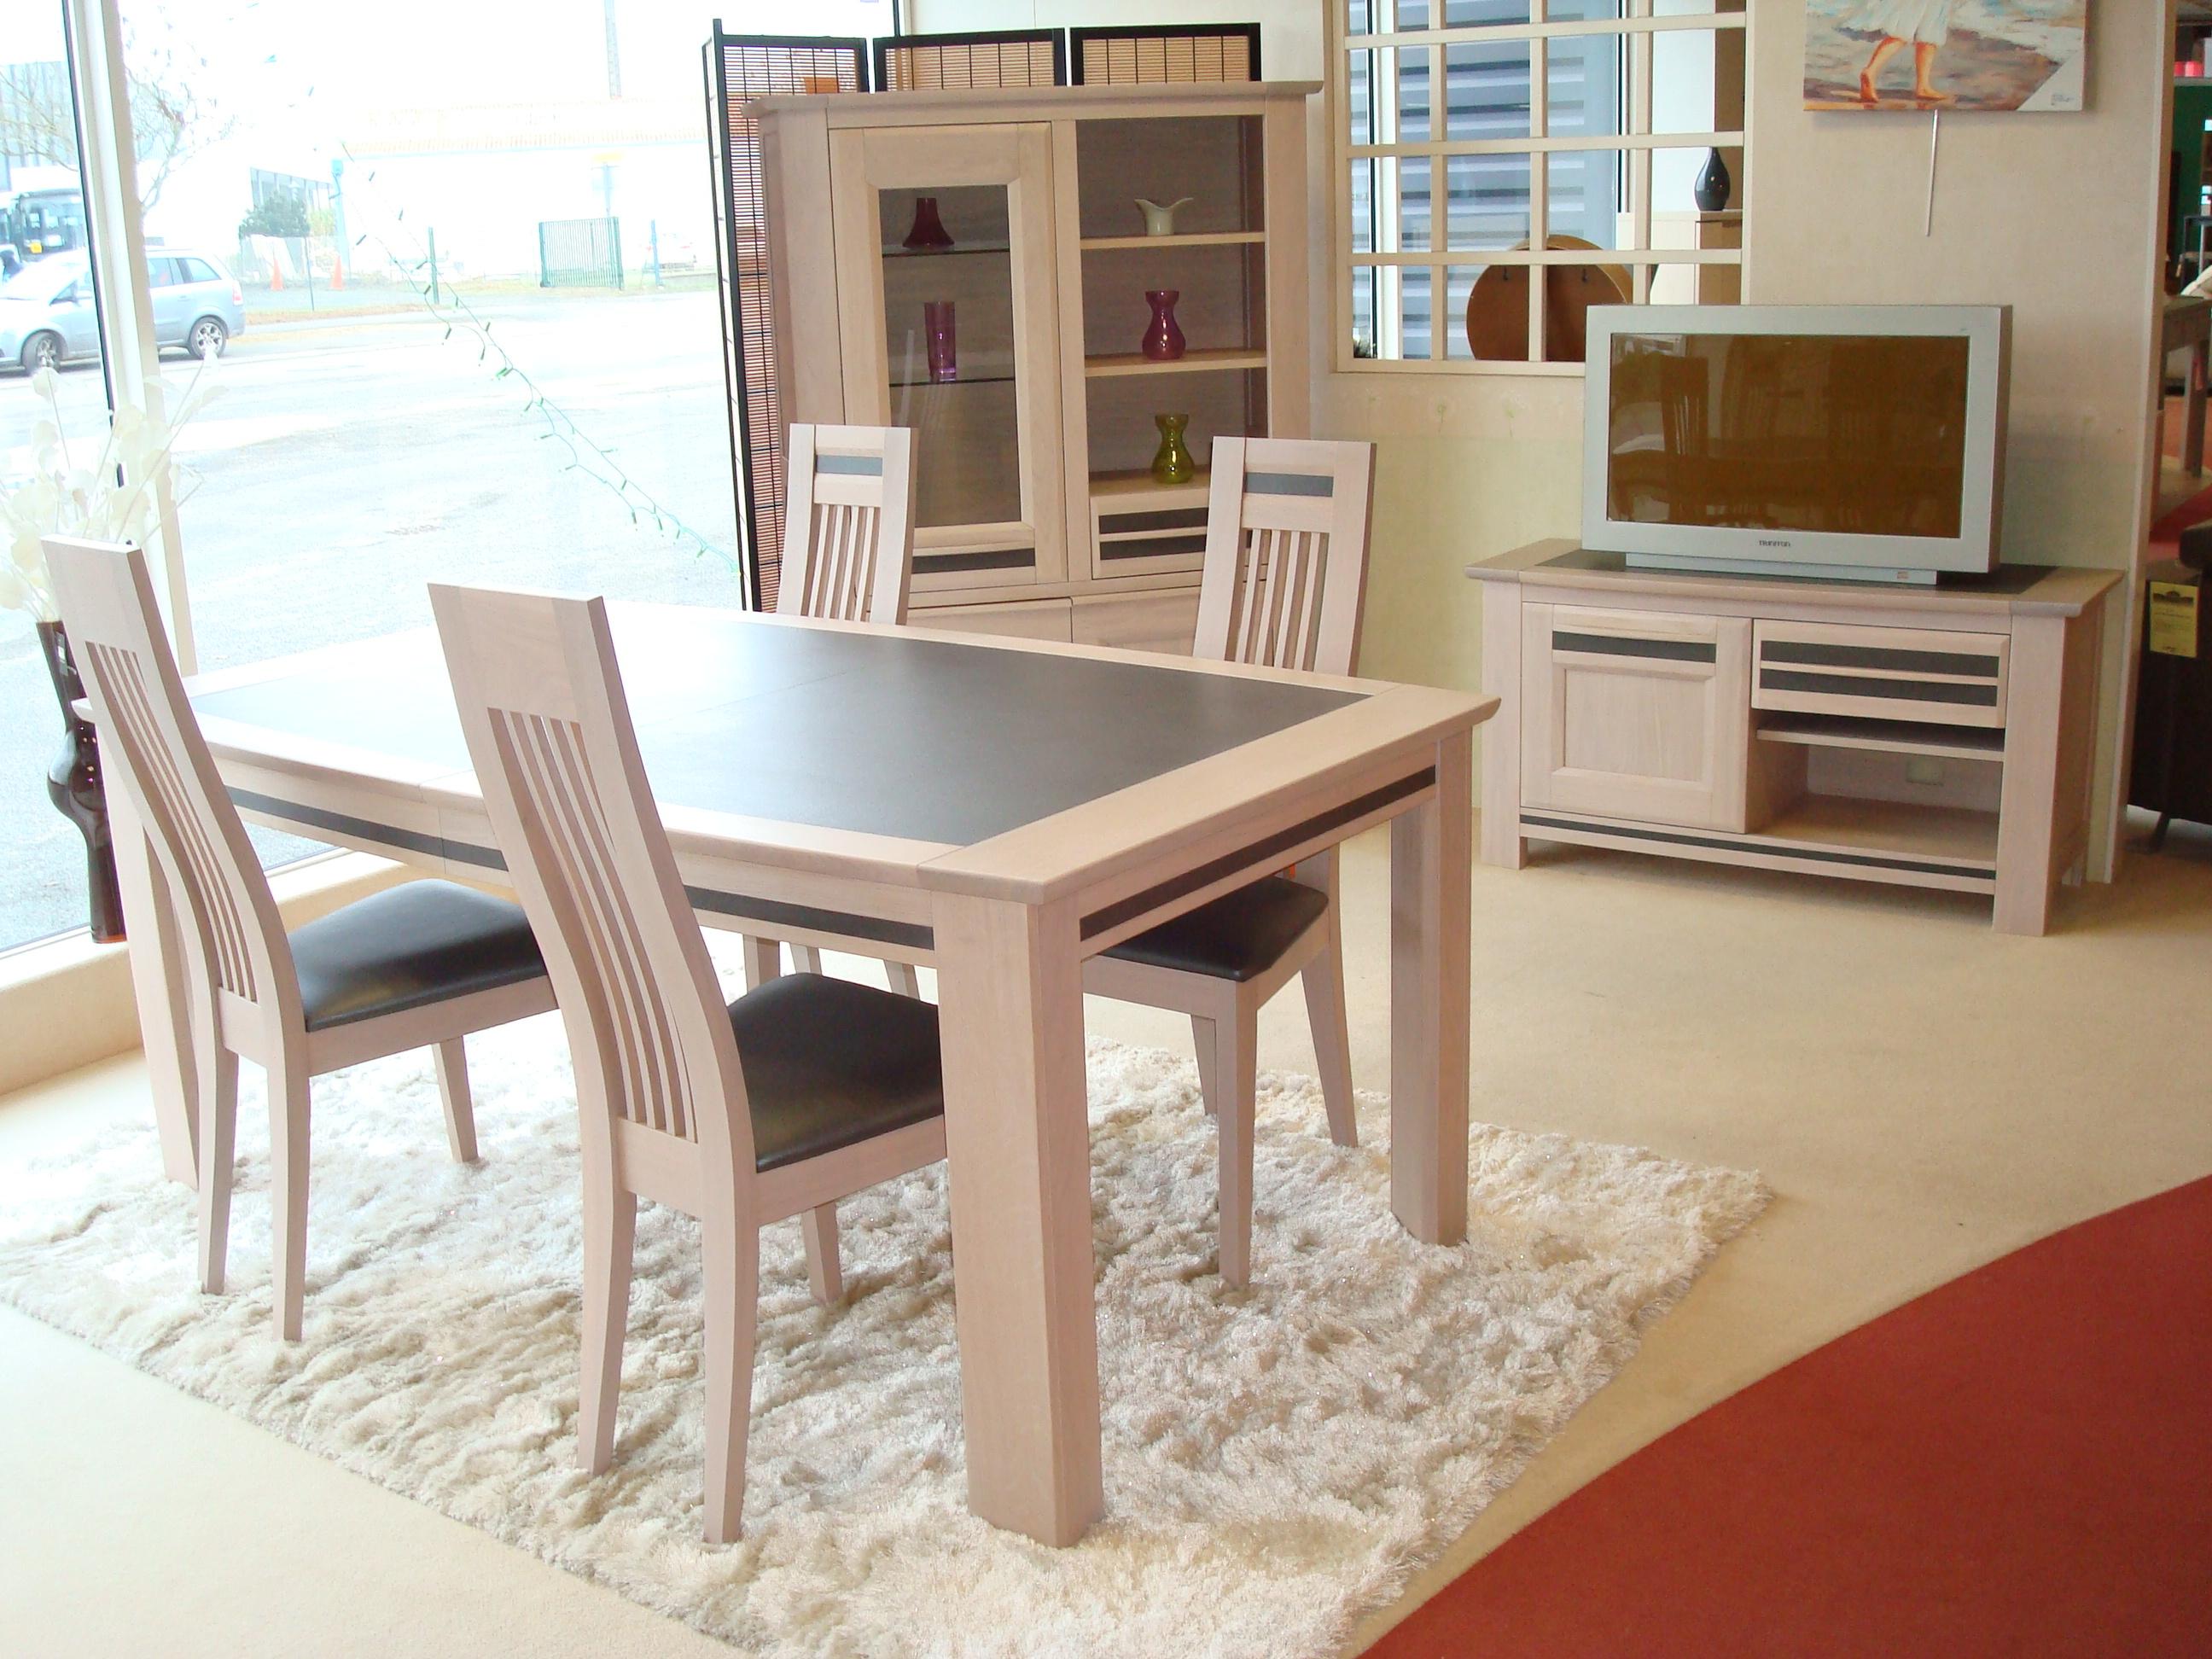 S jours meubles thibaud - Fabriquer une table a manger ...